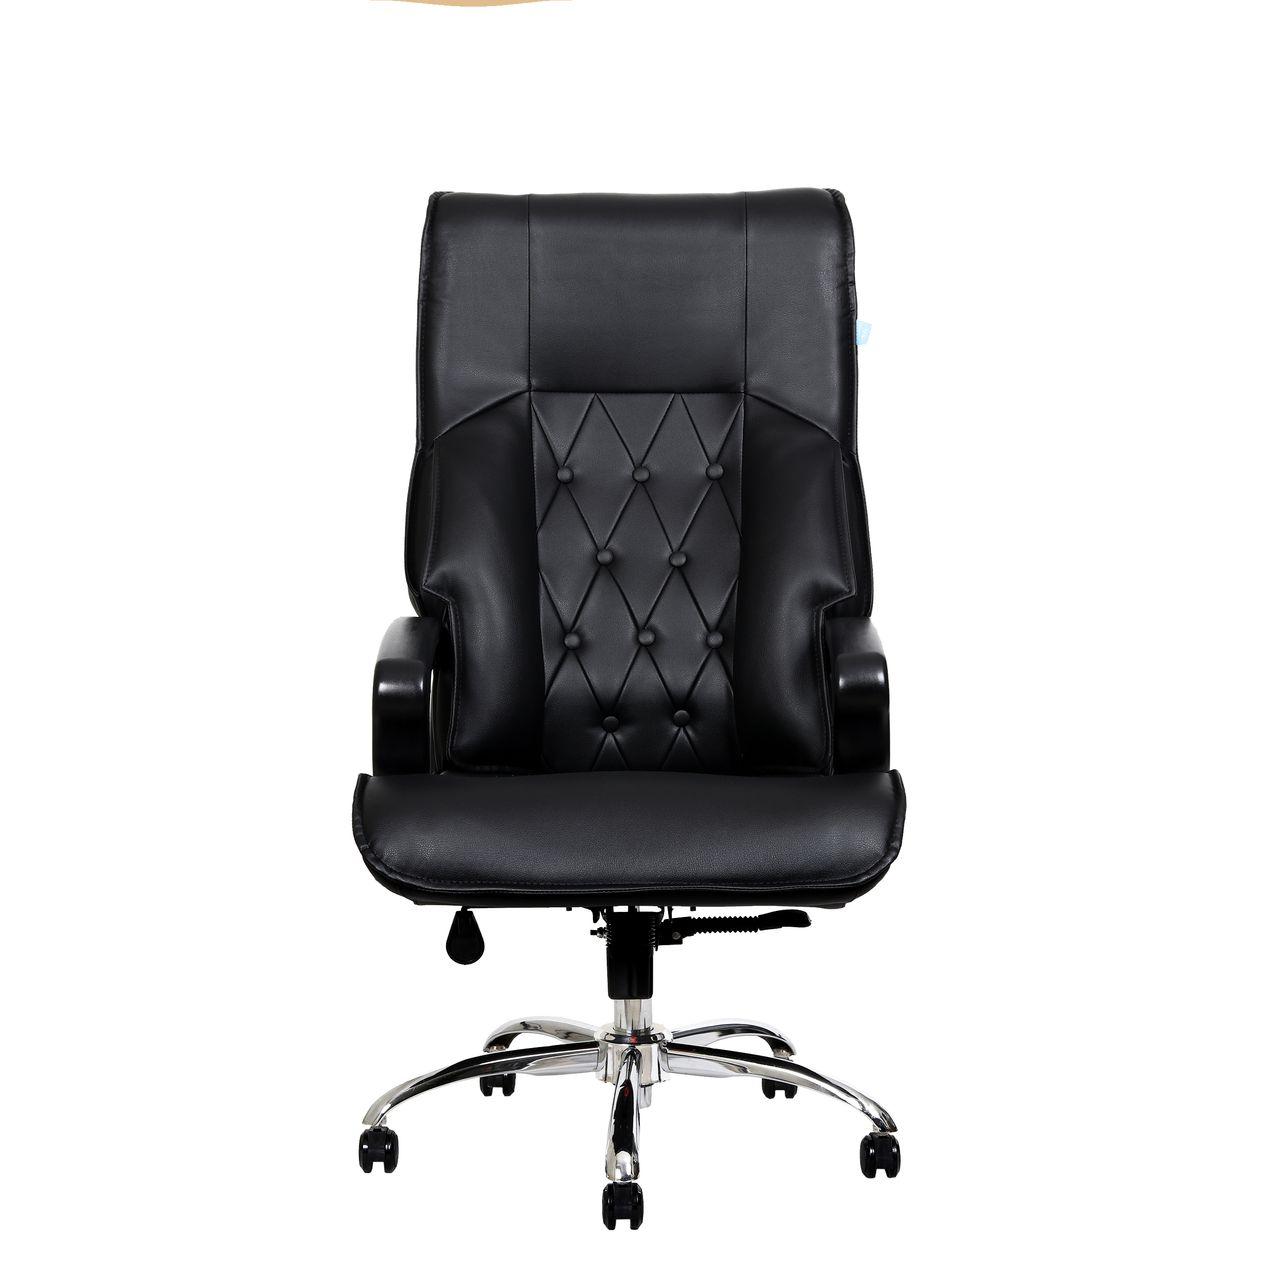 صندلی مدیریتی وارنا مدل M9002